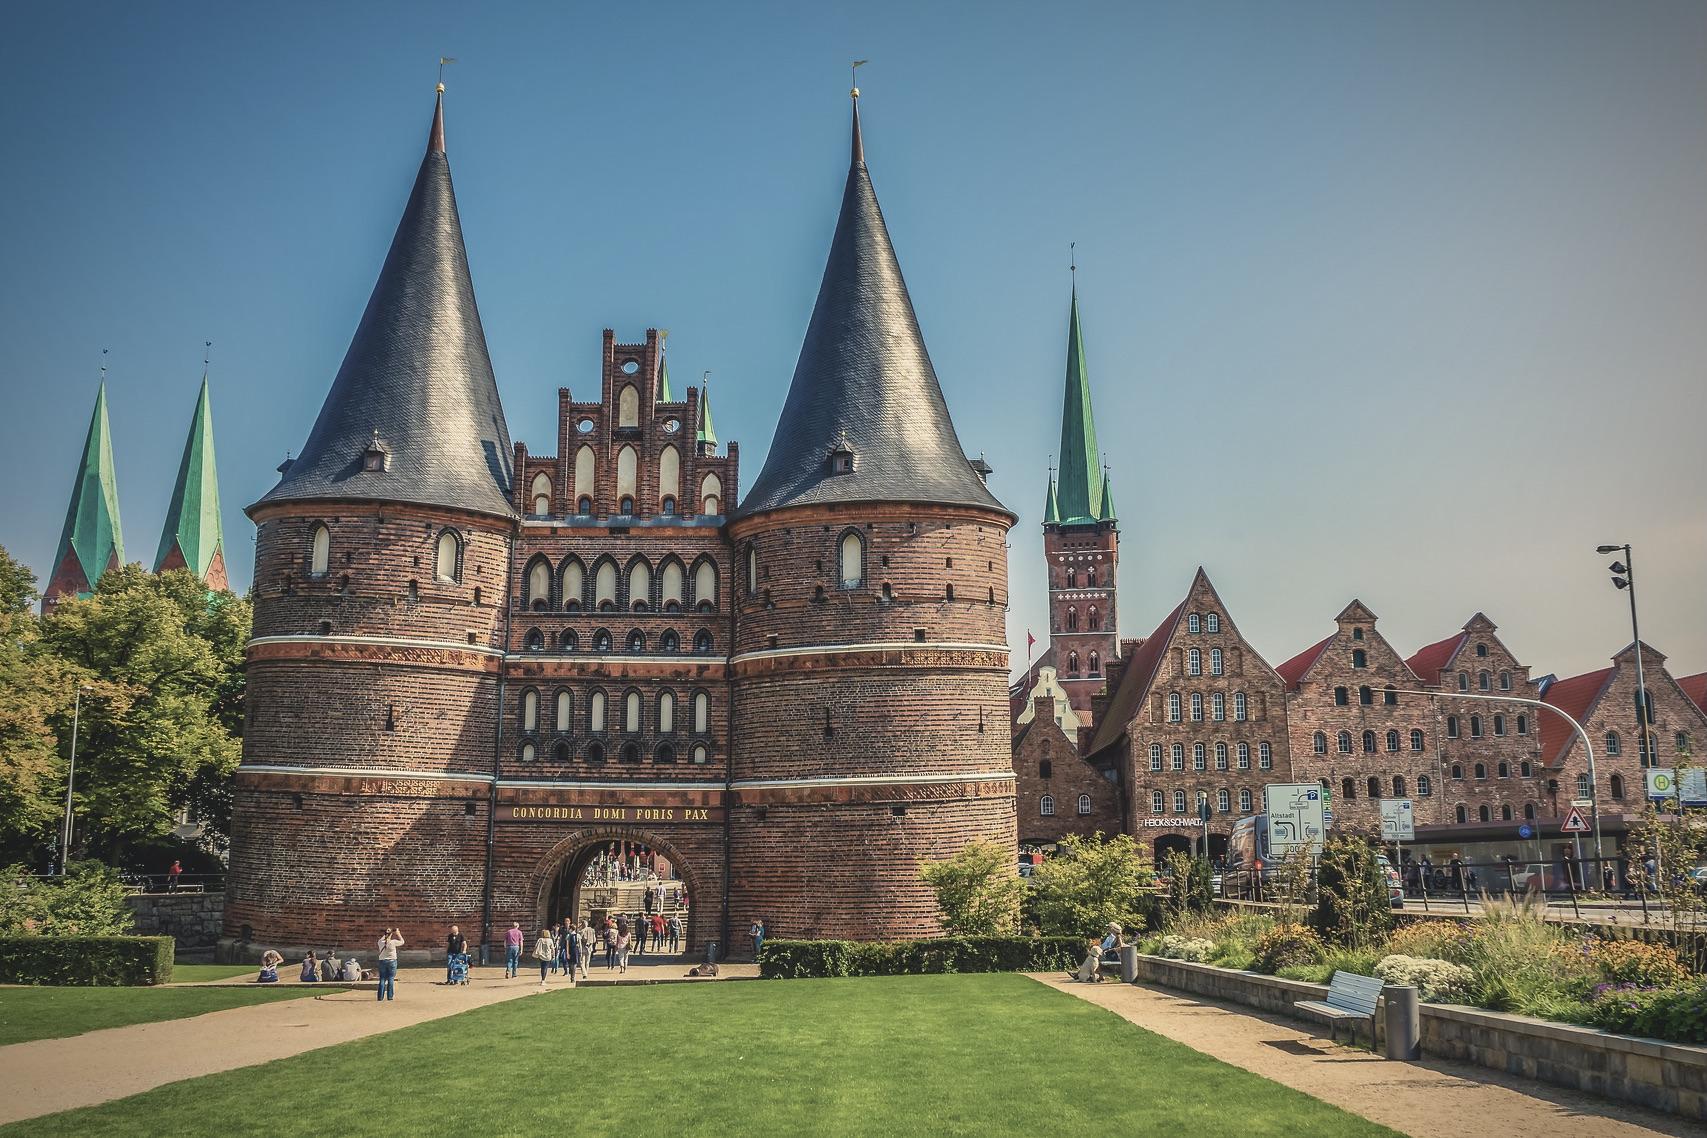 Das Holstentor in Lübeck ist eines der schönsten Sehenswürdigkeiten Deutschlands